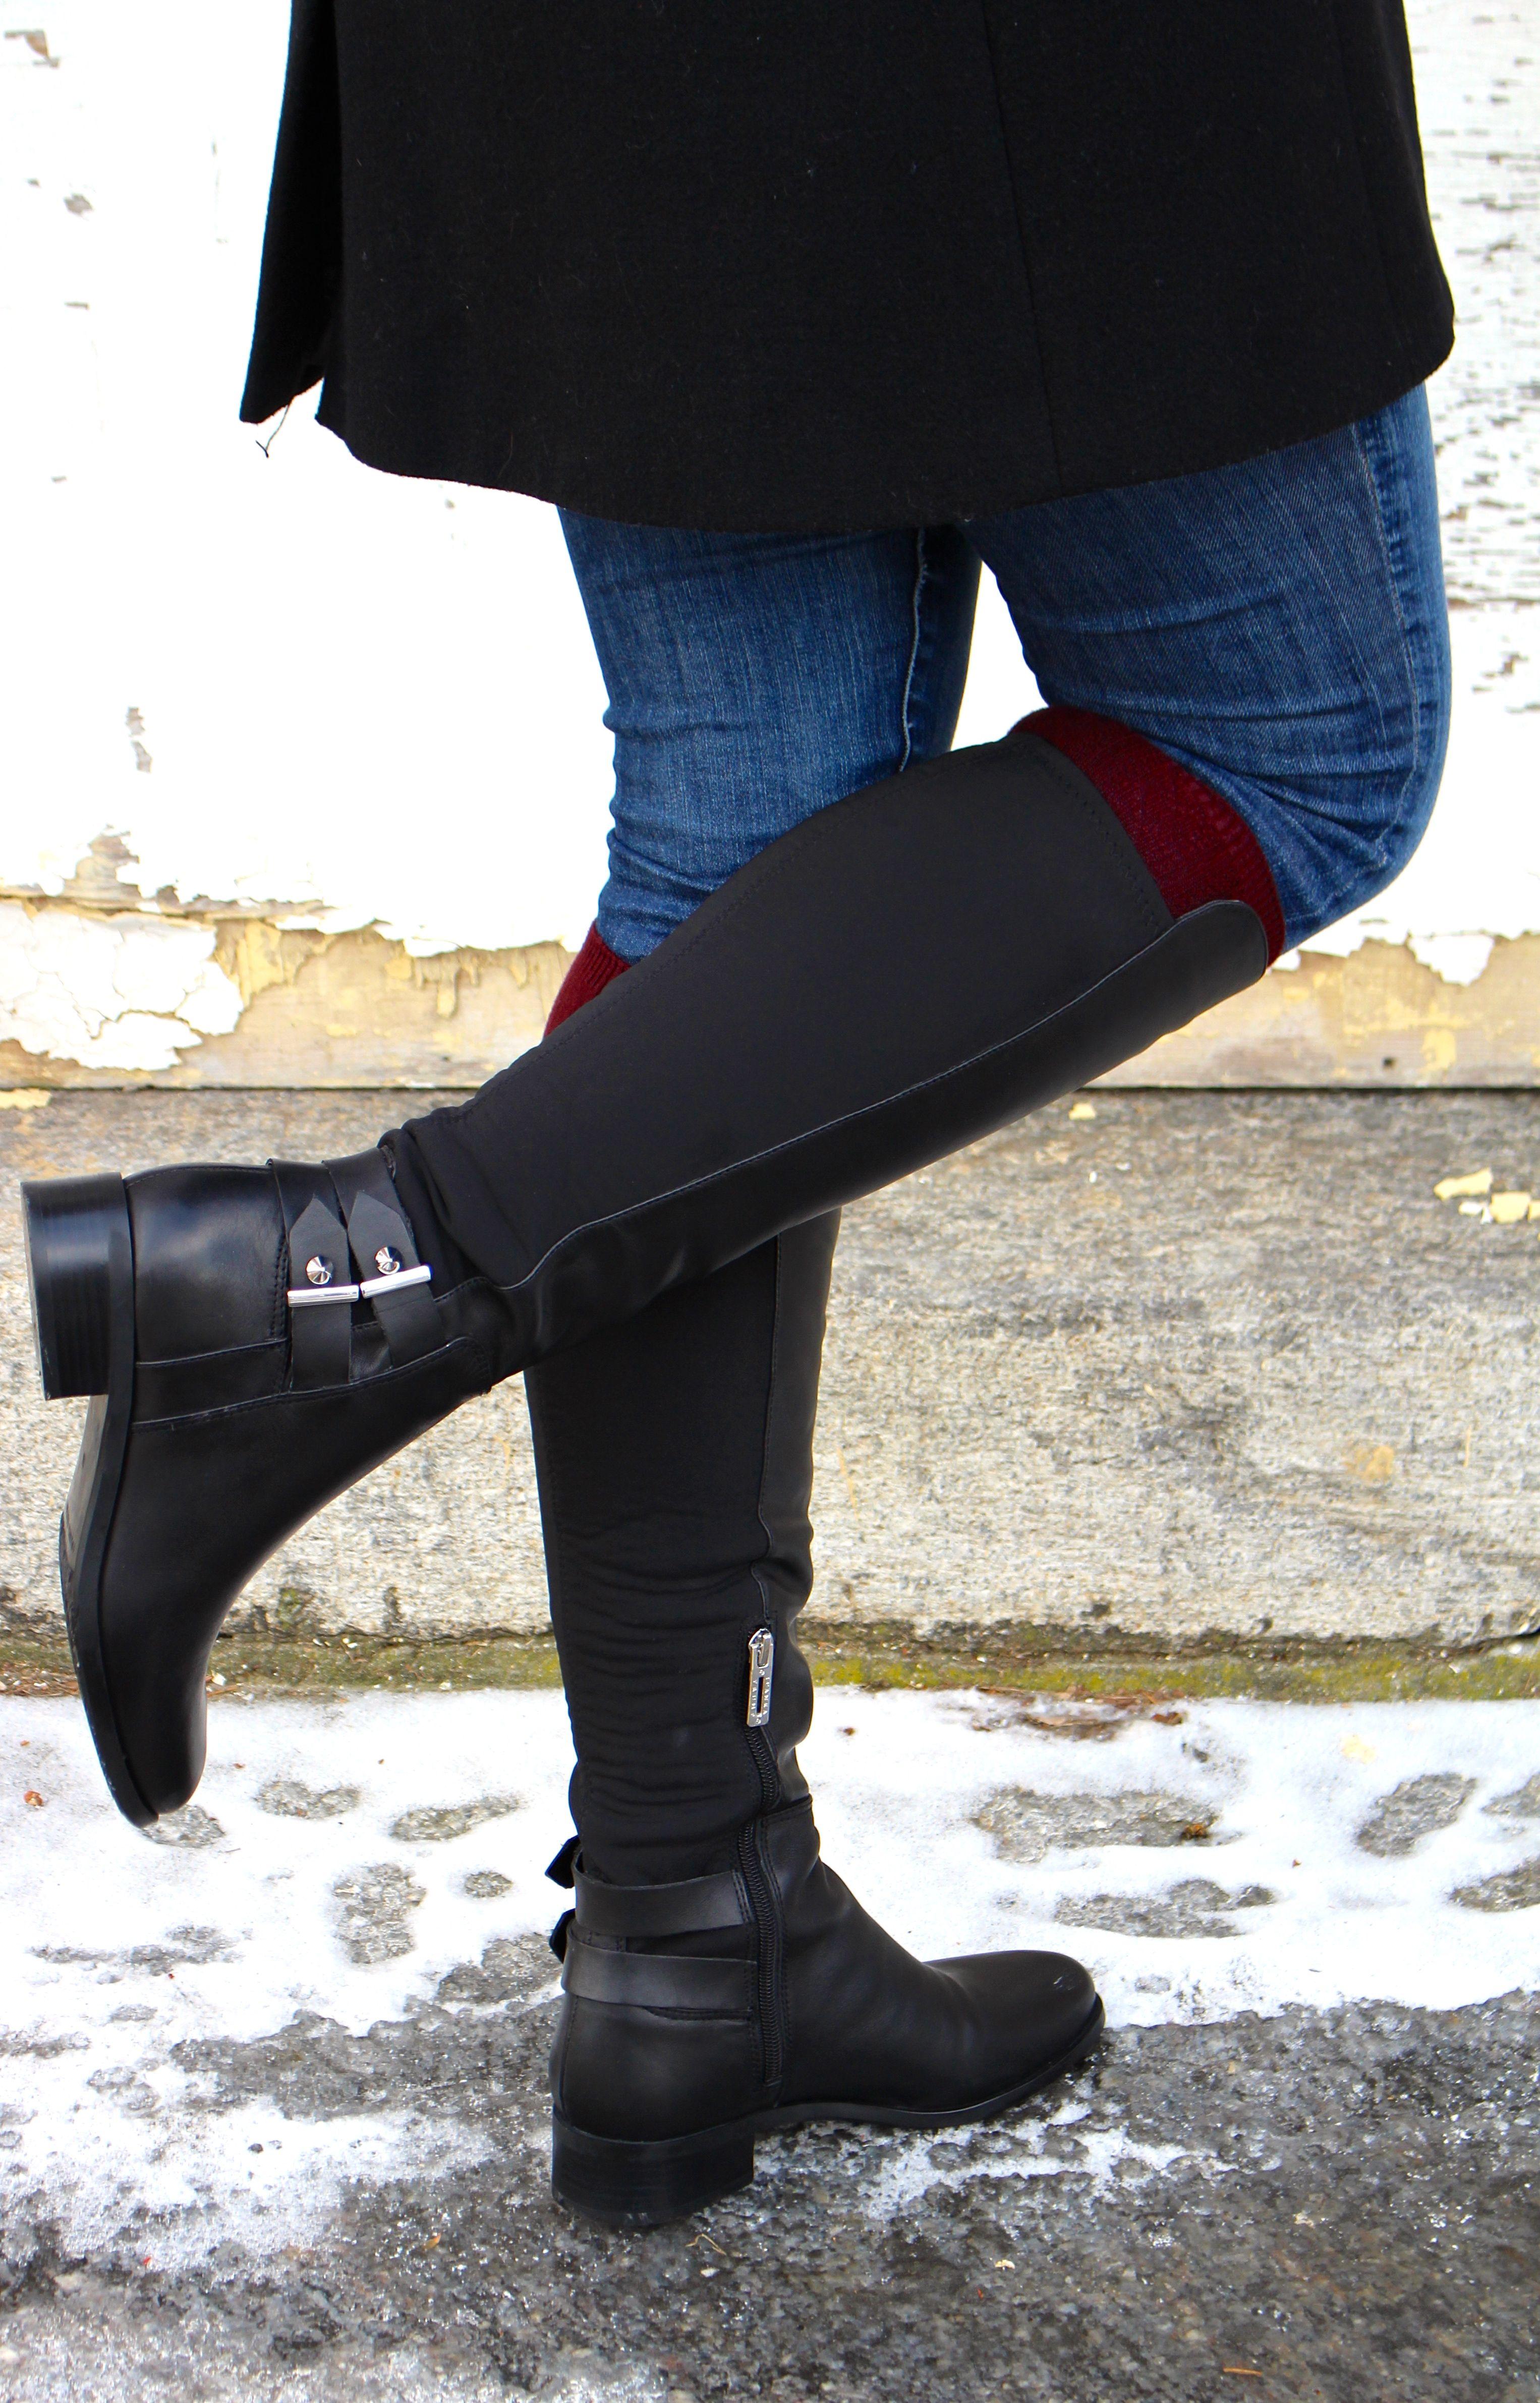 black Ivanka Trump boots - click to shop